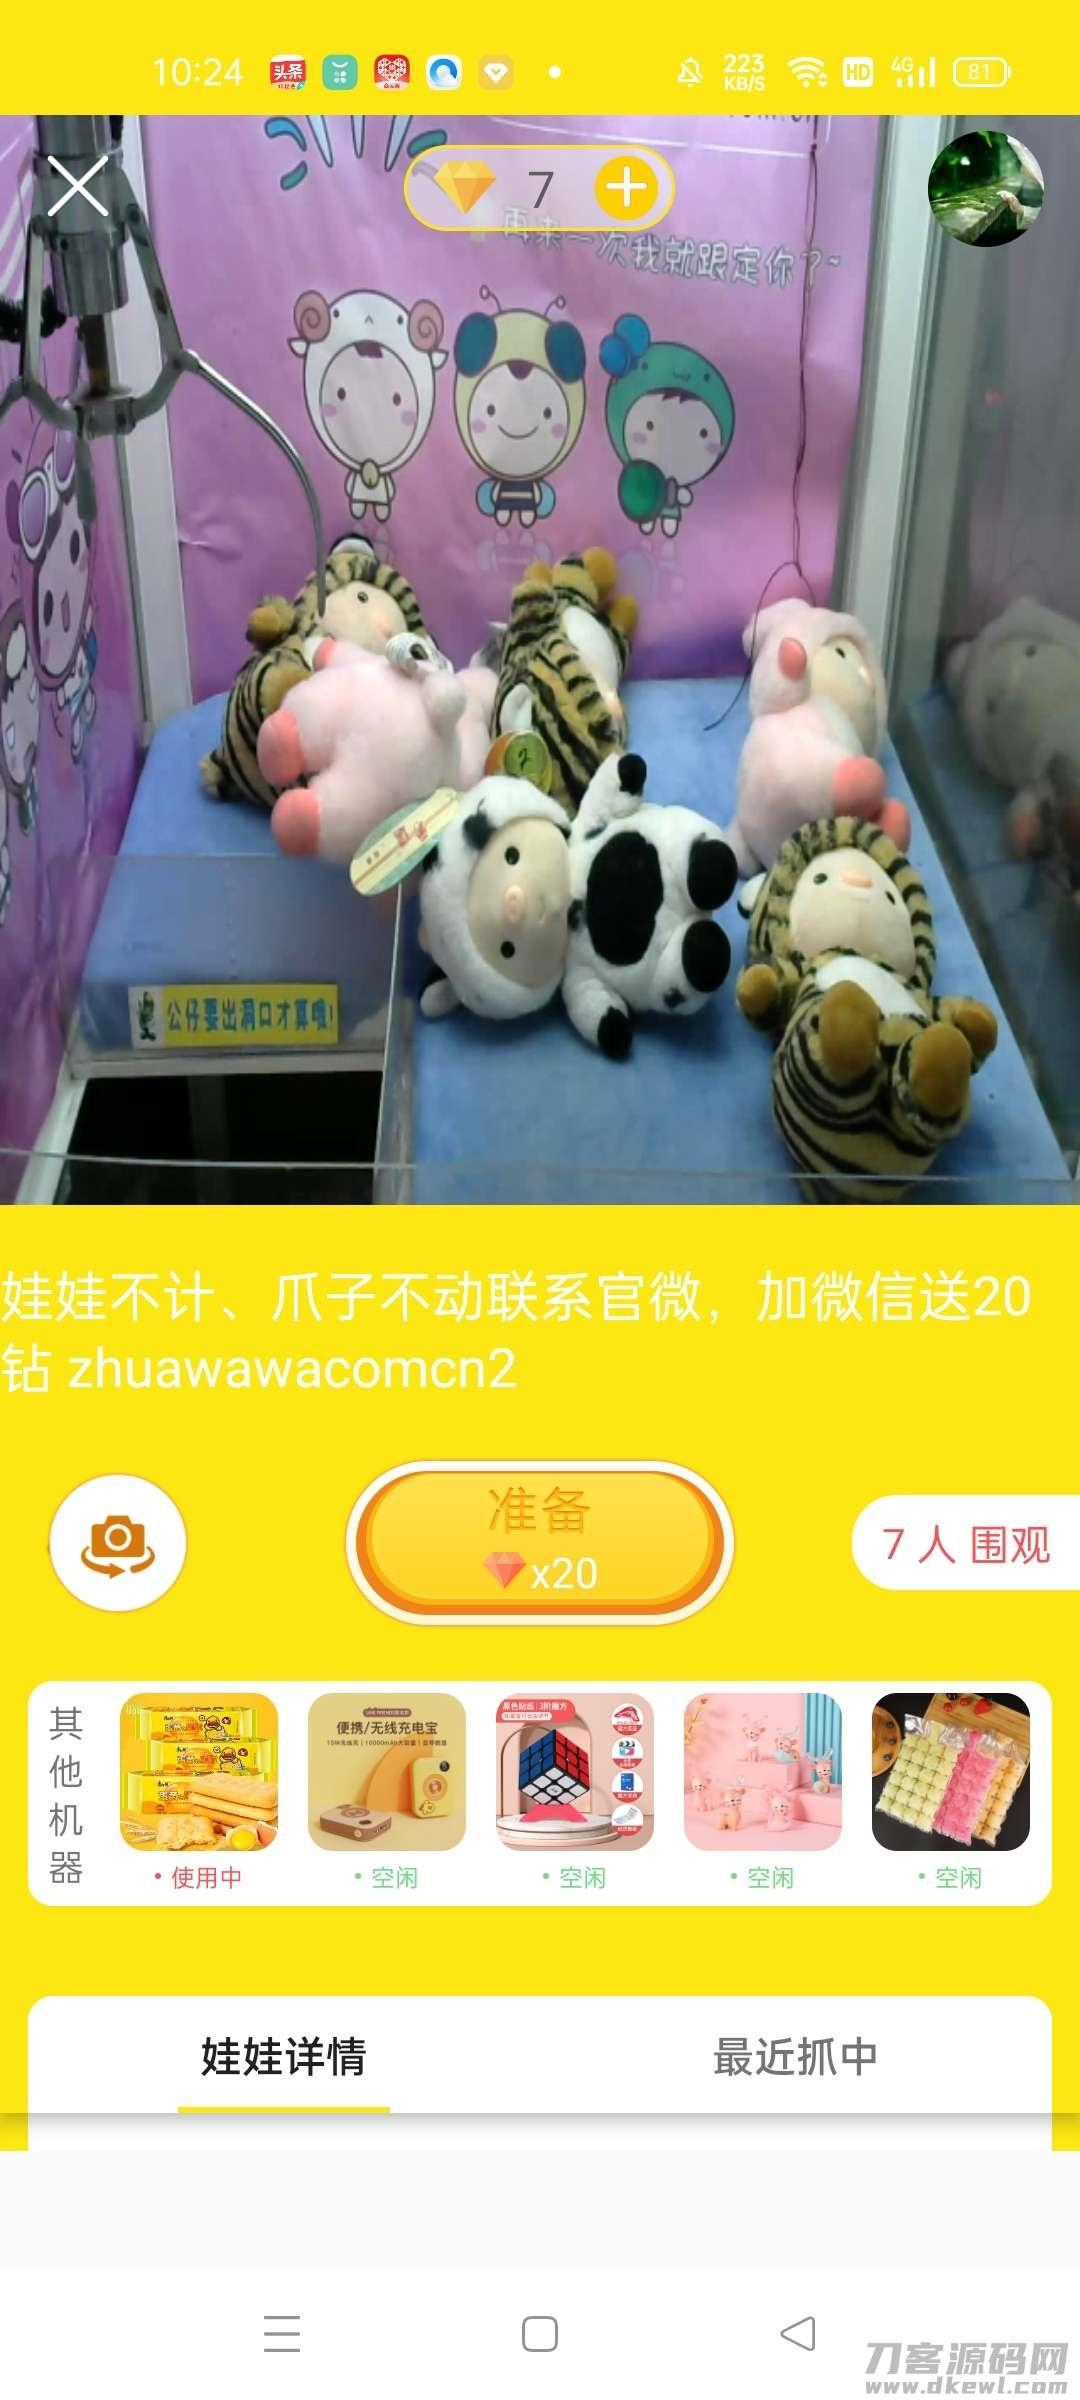 微信在线免费夹娃娃插图1